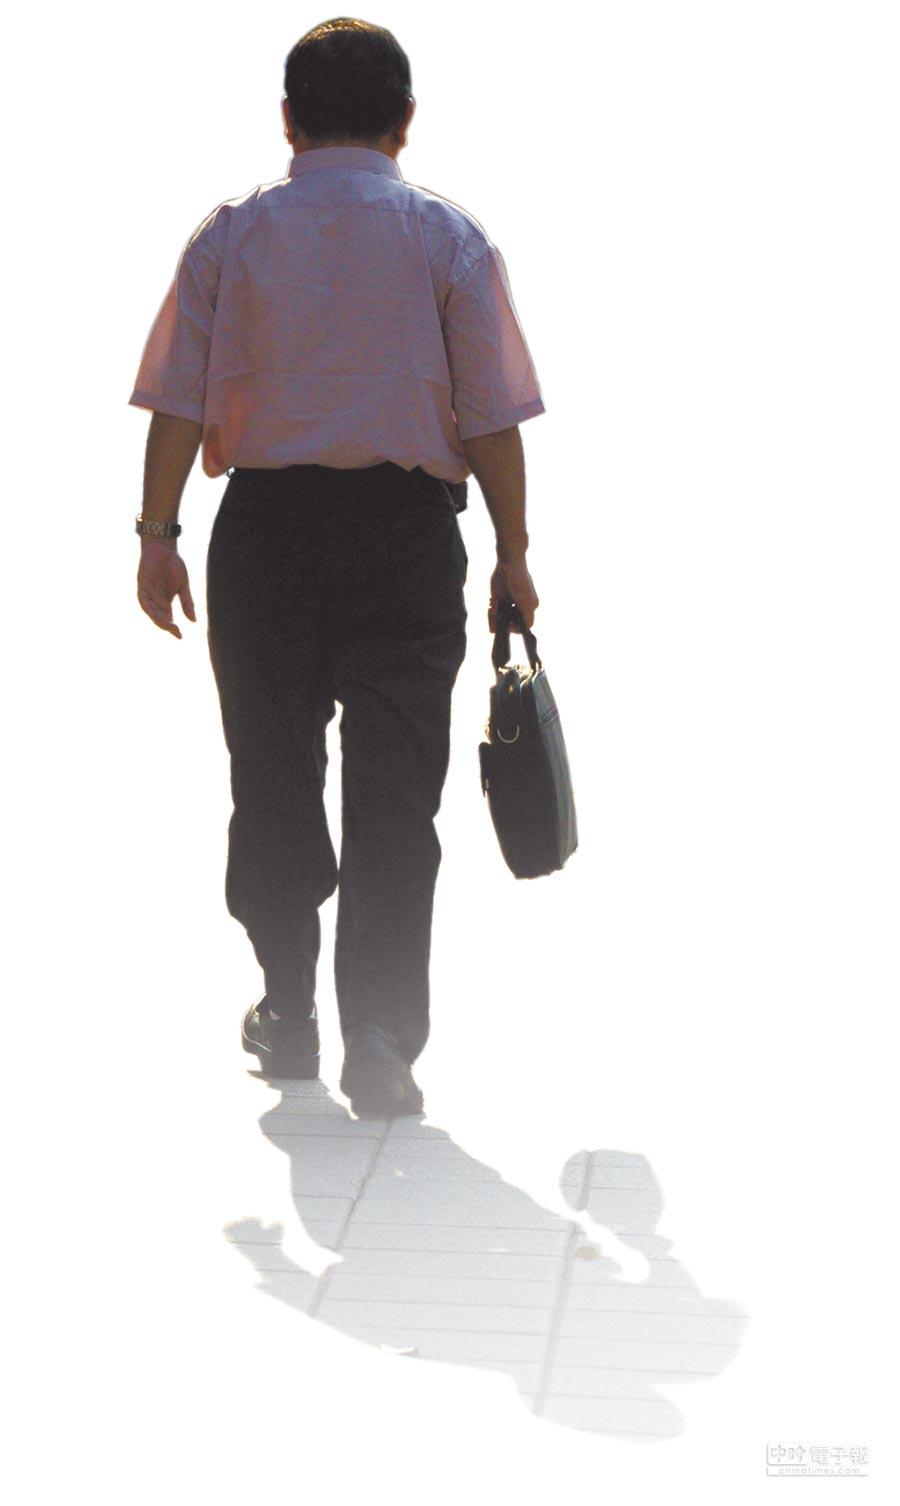 職涯更長久  根據銓敘部規畫,減薪減時的人力,也可彌補請育嬰假、長期病假、家庭照顧假等人力需求。圖為公務員下班後步出辦公室後的身影。   (本報資料照片)